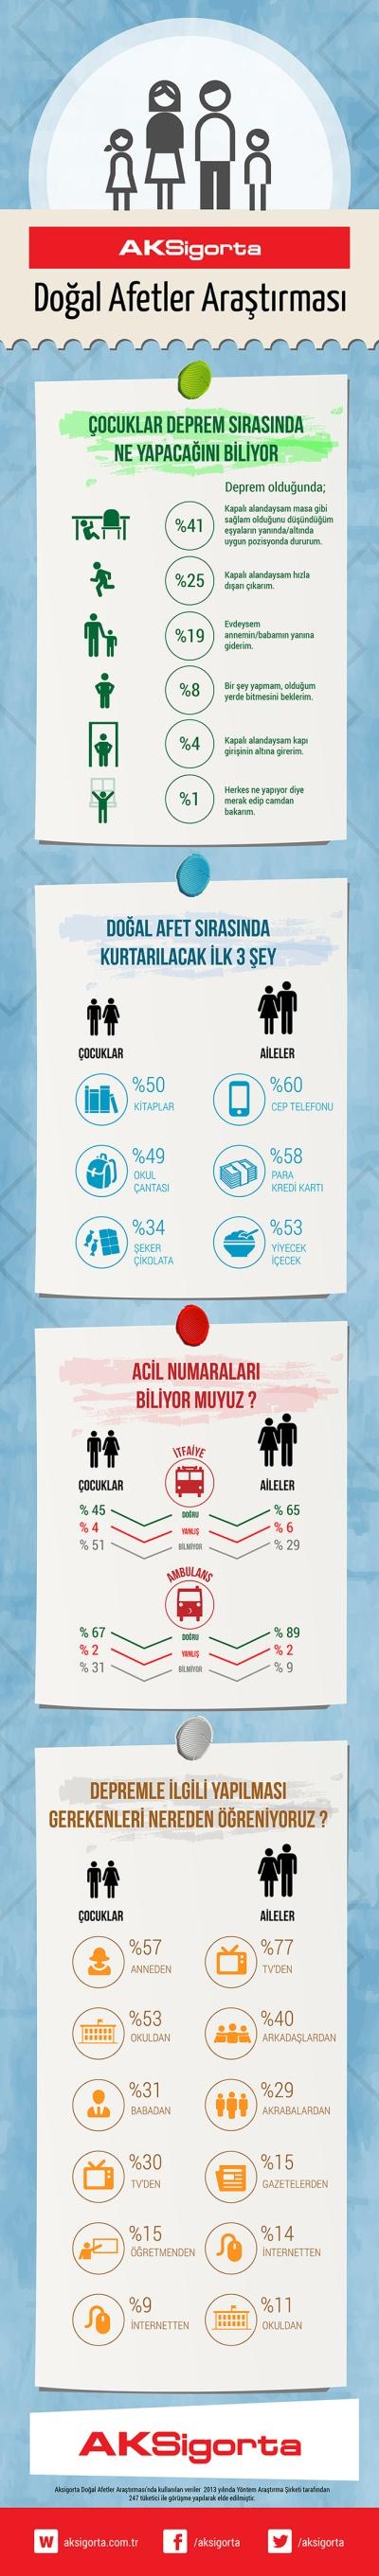 Aksigorta-Dogal-Afetler-Arastirrmasi-Infografik